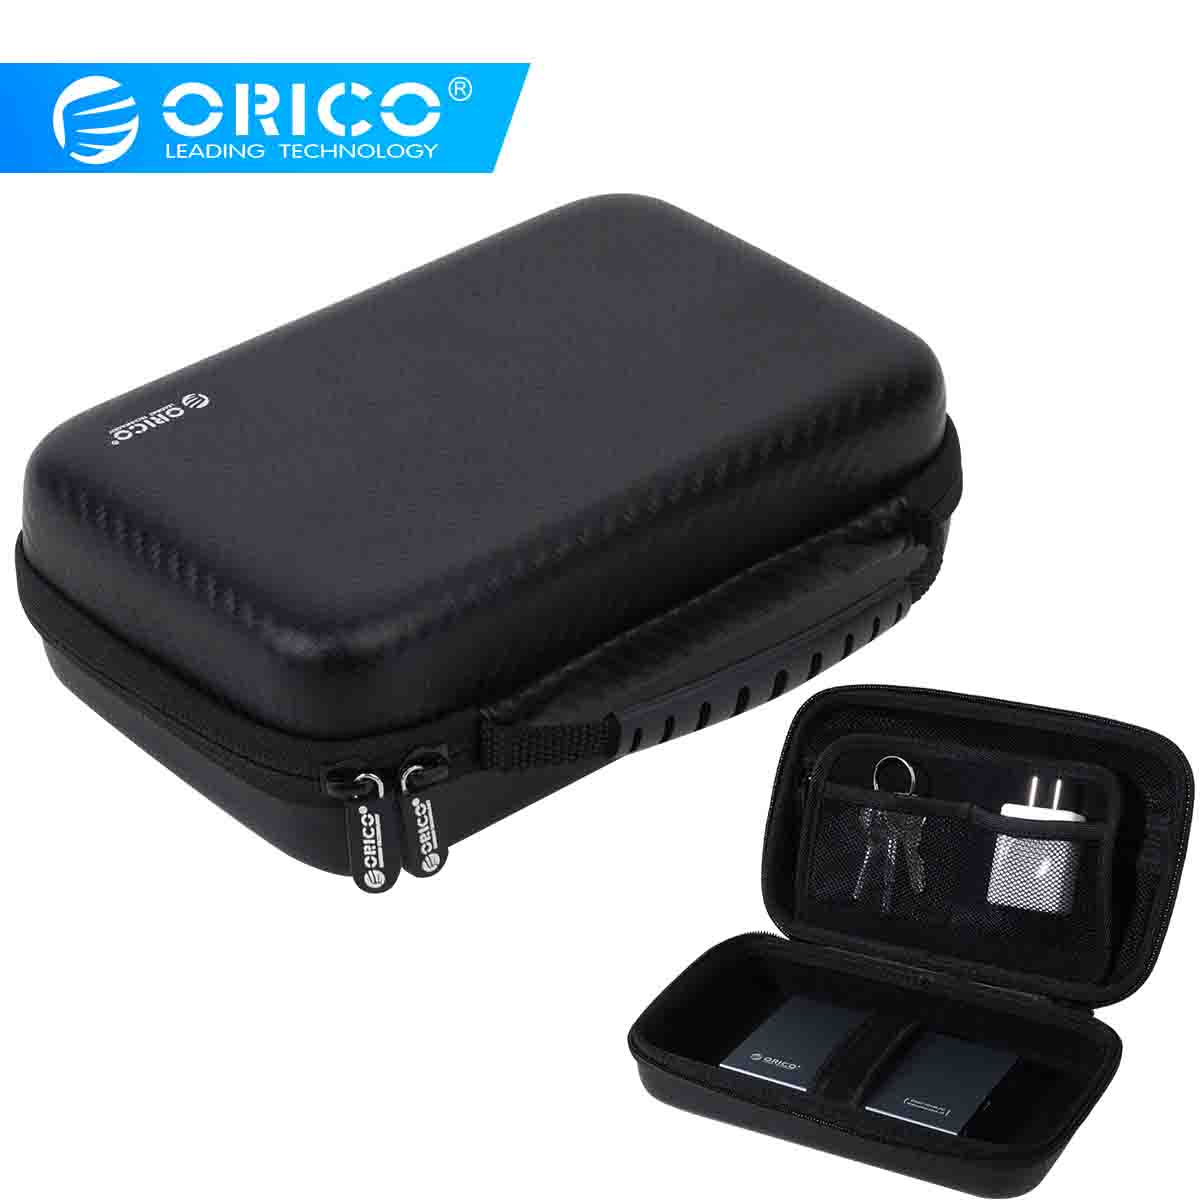 ORICO 3.5 Disco Rígido Caso HDD Portátil Saco de Proteção EVA À Prova de Choque para Fone de Ouvido Externo 3.5 polegada Disco Rígido U Disco banco do poder